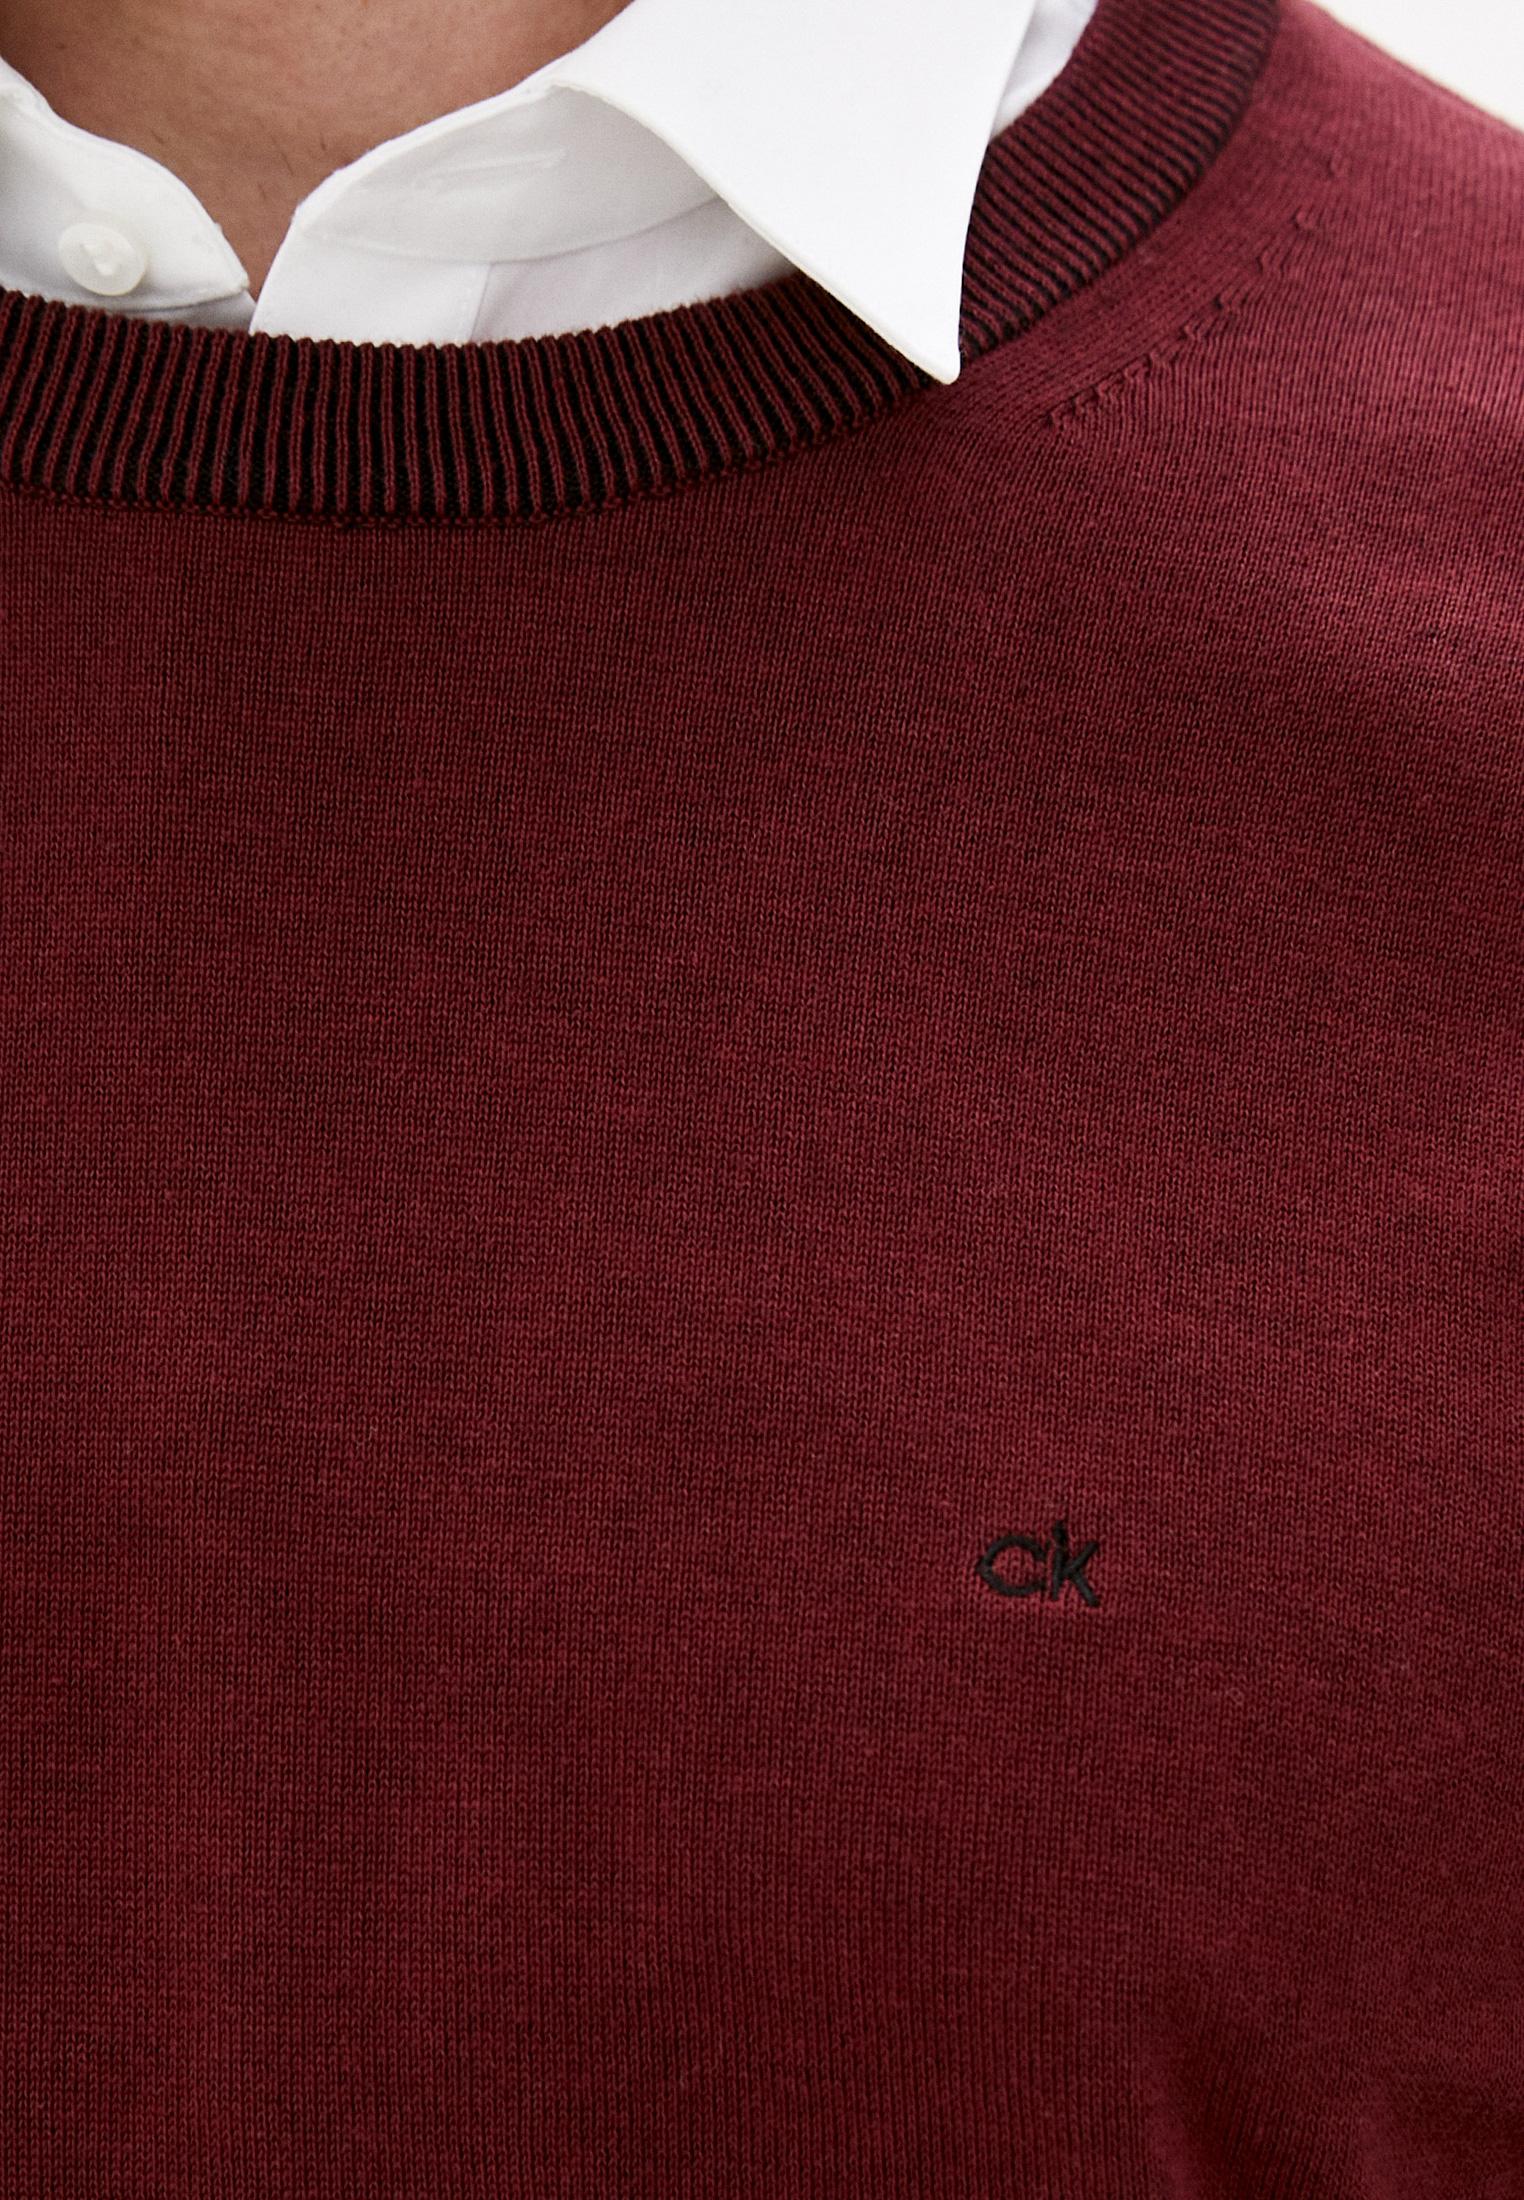 Джемпер Calvin Klein (Кельвин Кляйн) K10K104920: изображение 4